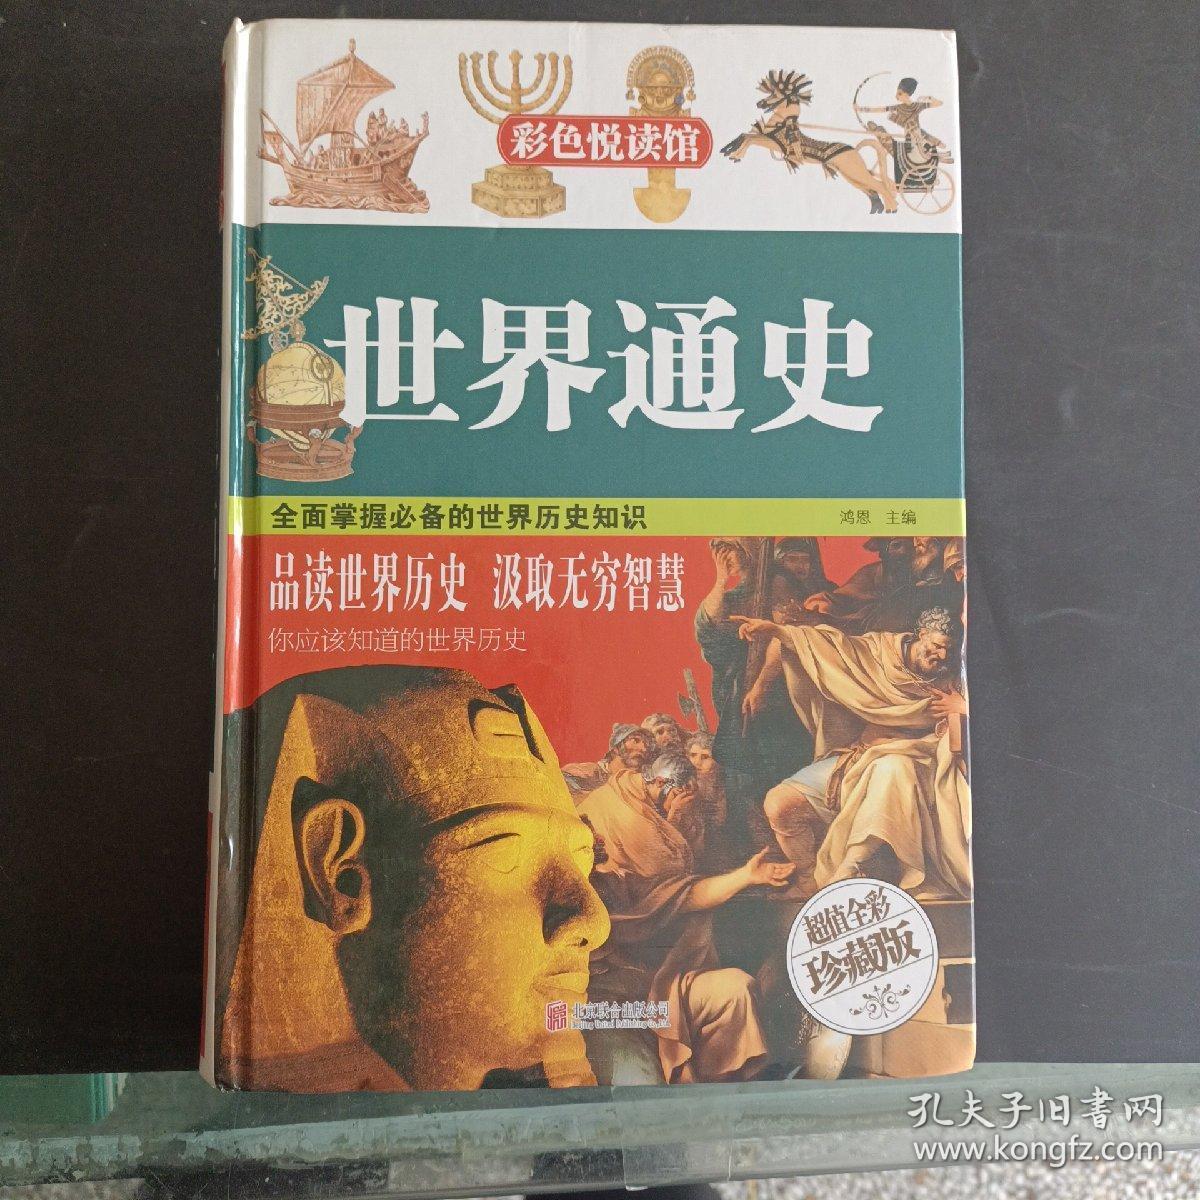 世界通史(超值全彩珍藏版)